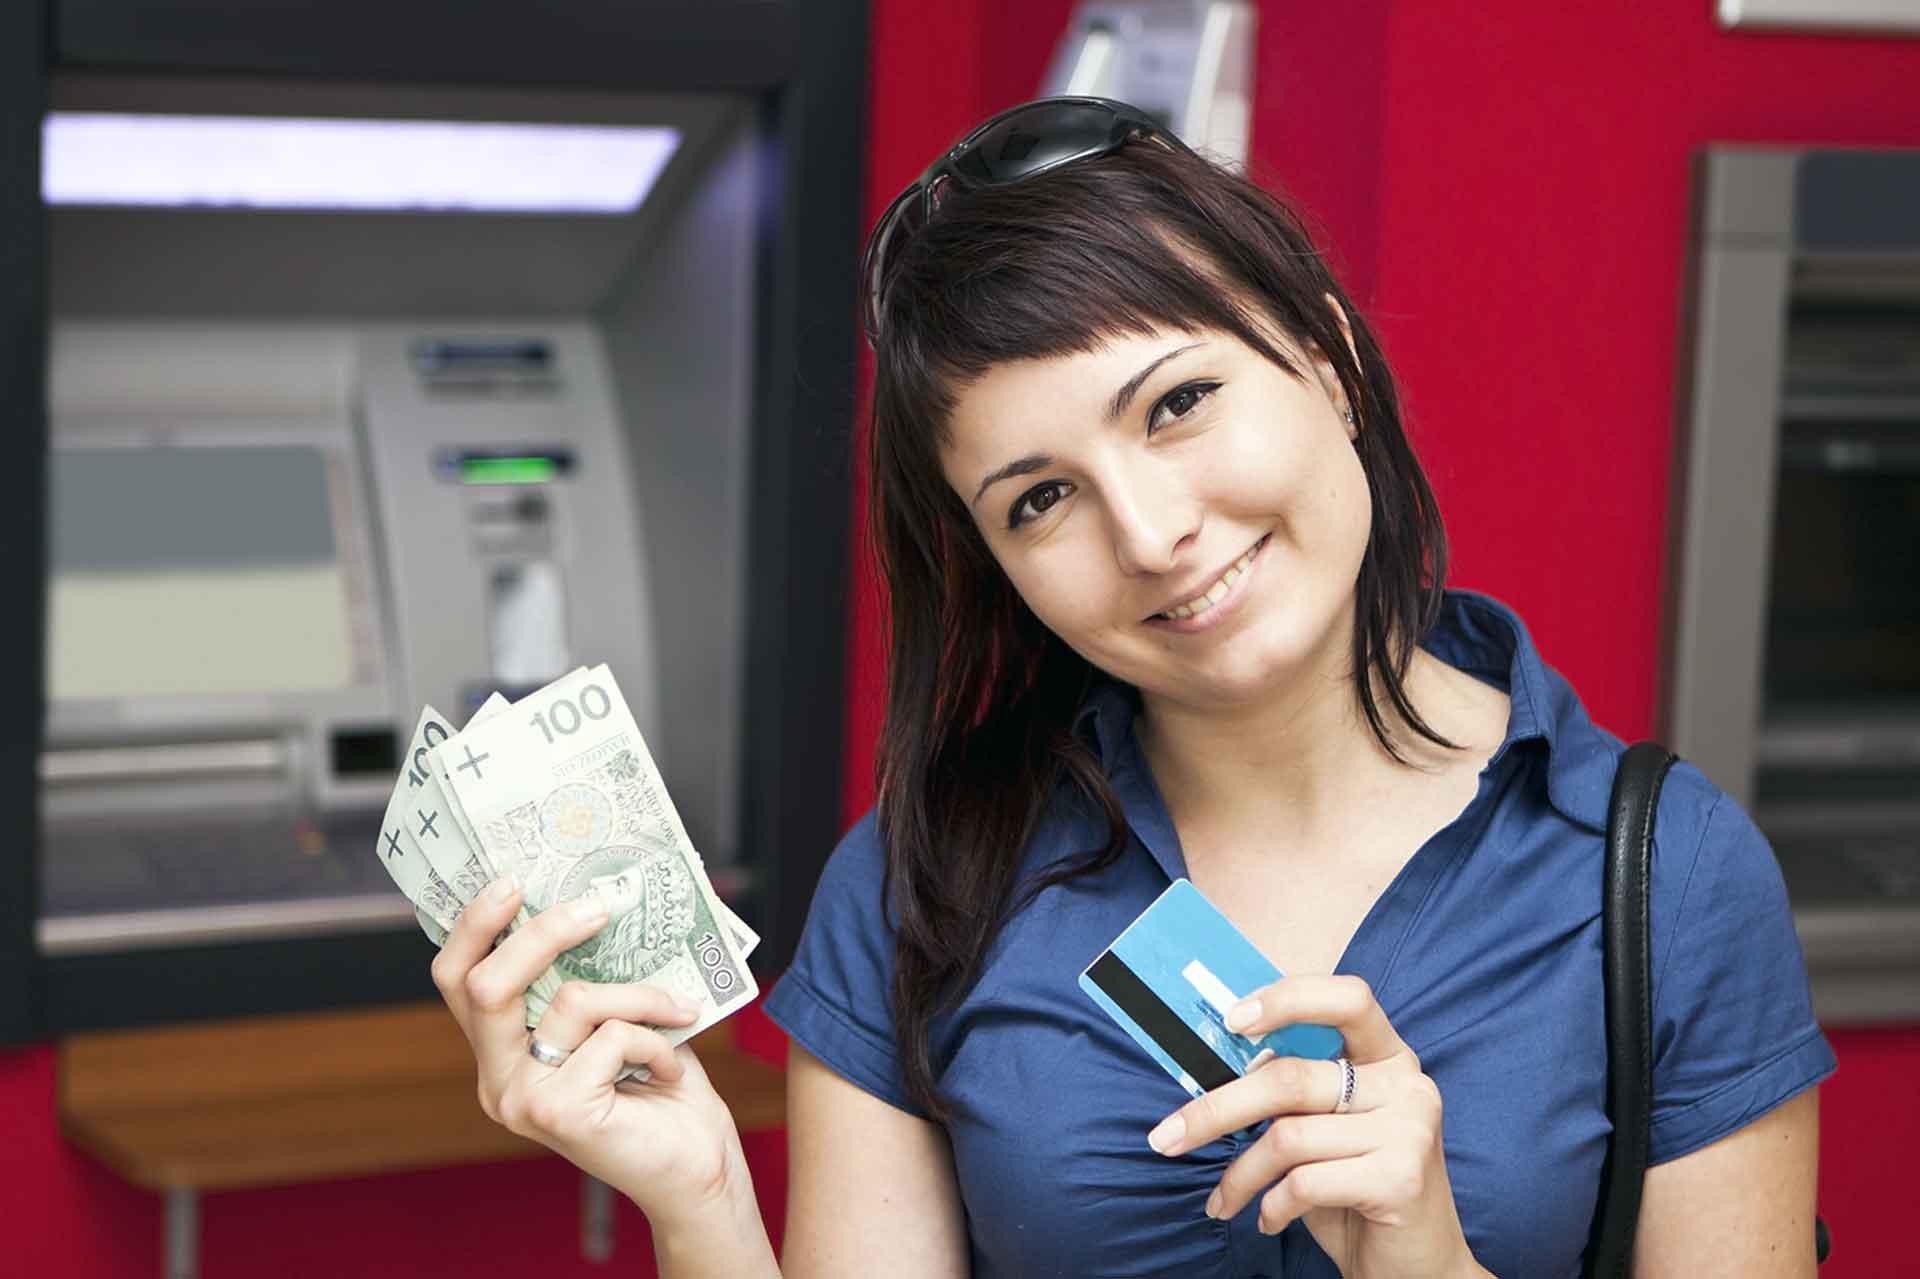 получить займ на банковский счет